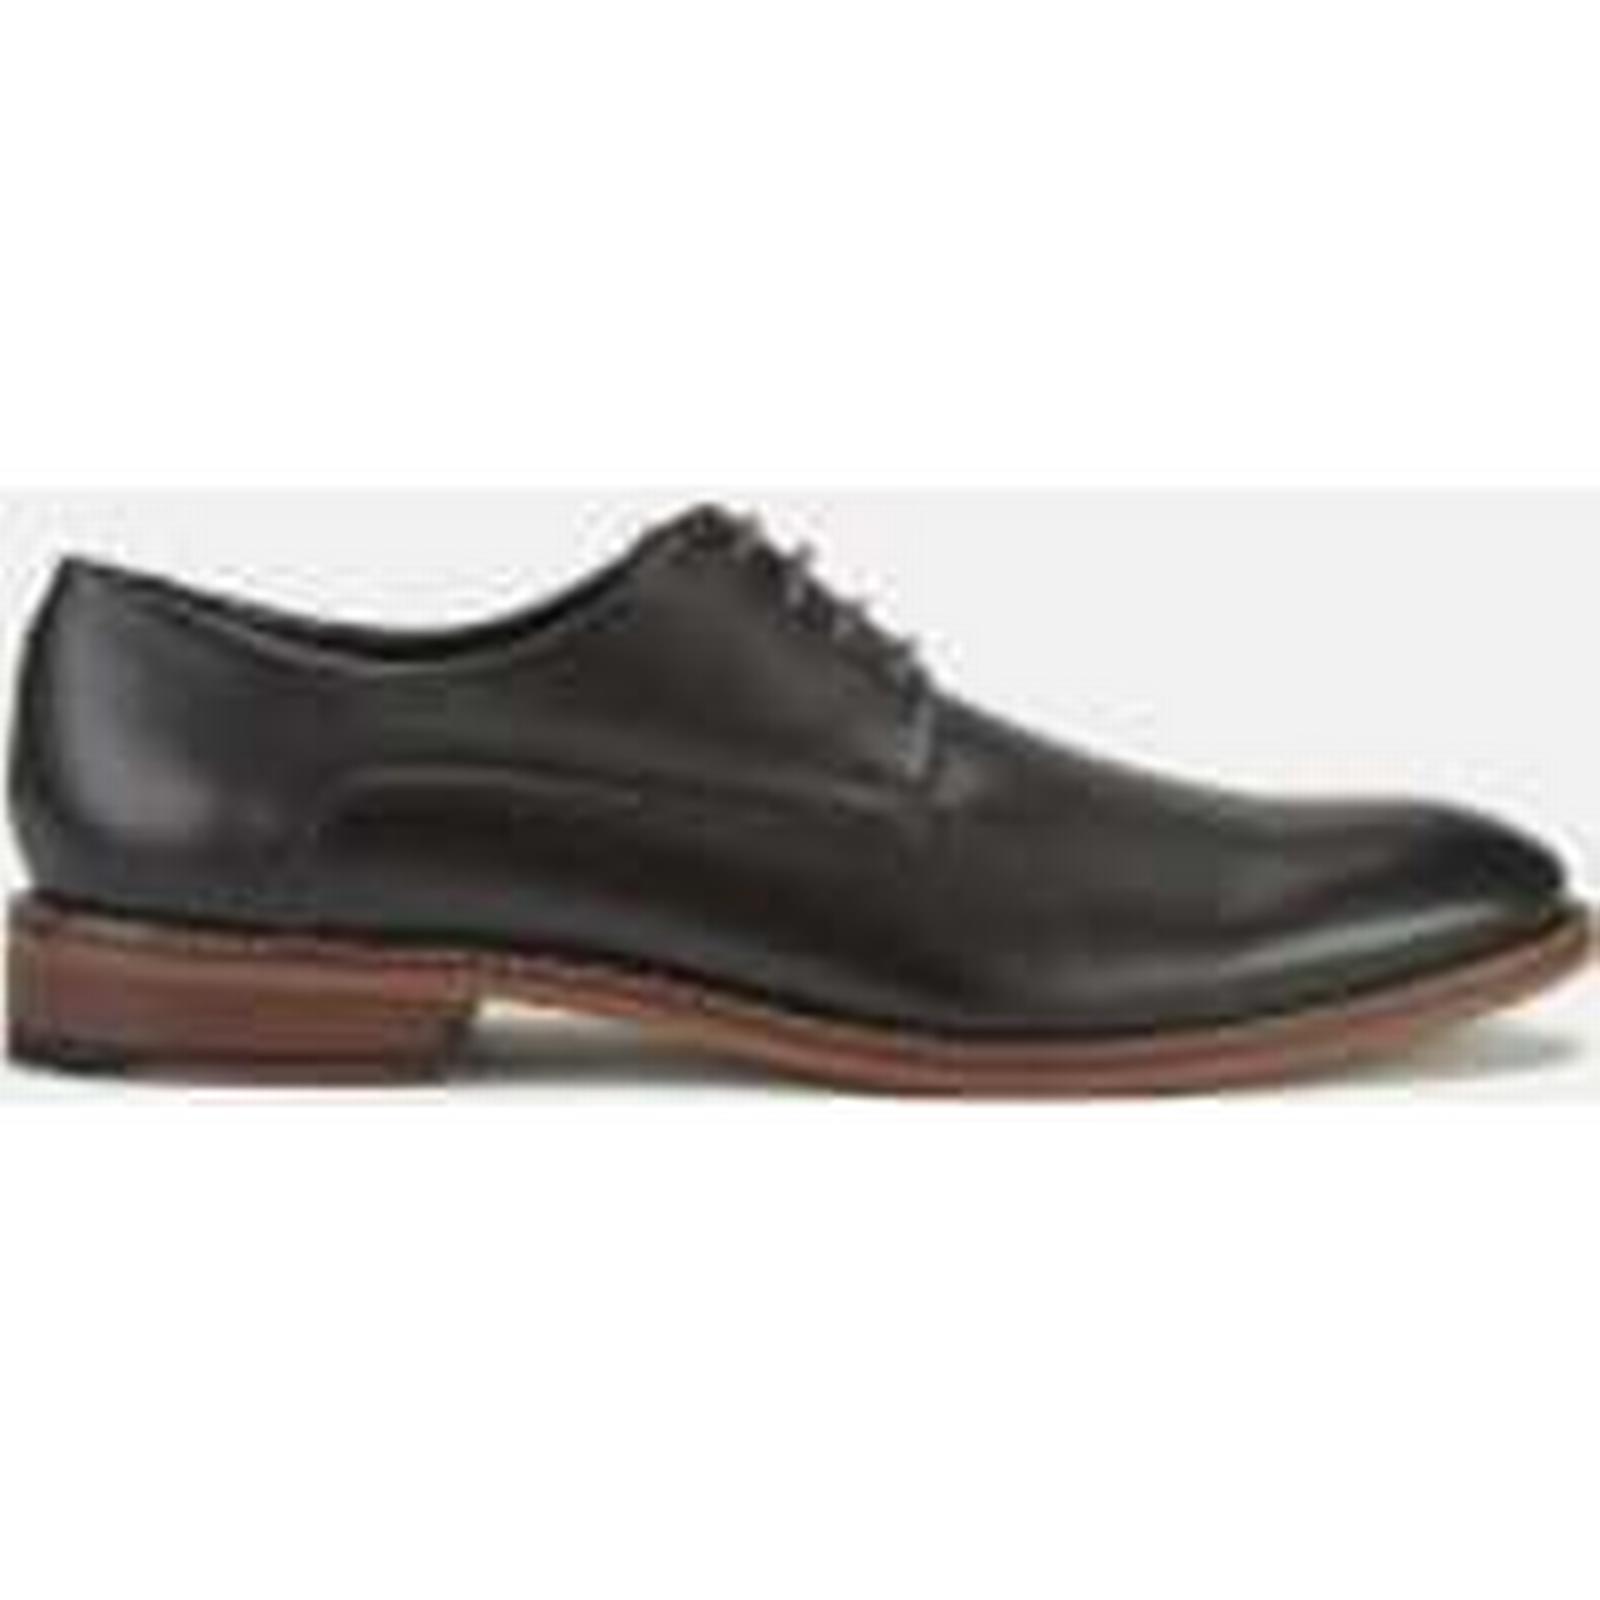 Ted Baker Derby Men's Irron 3 Leather Derby Baker Shoes - Black - UK 9.5 - Black c0f847